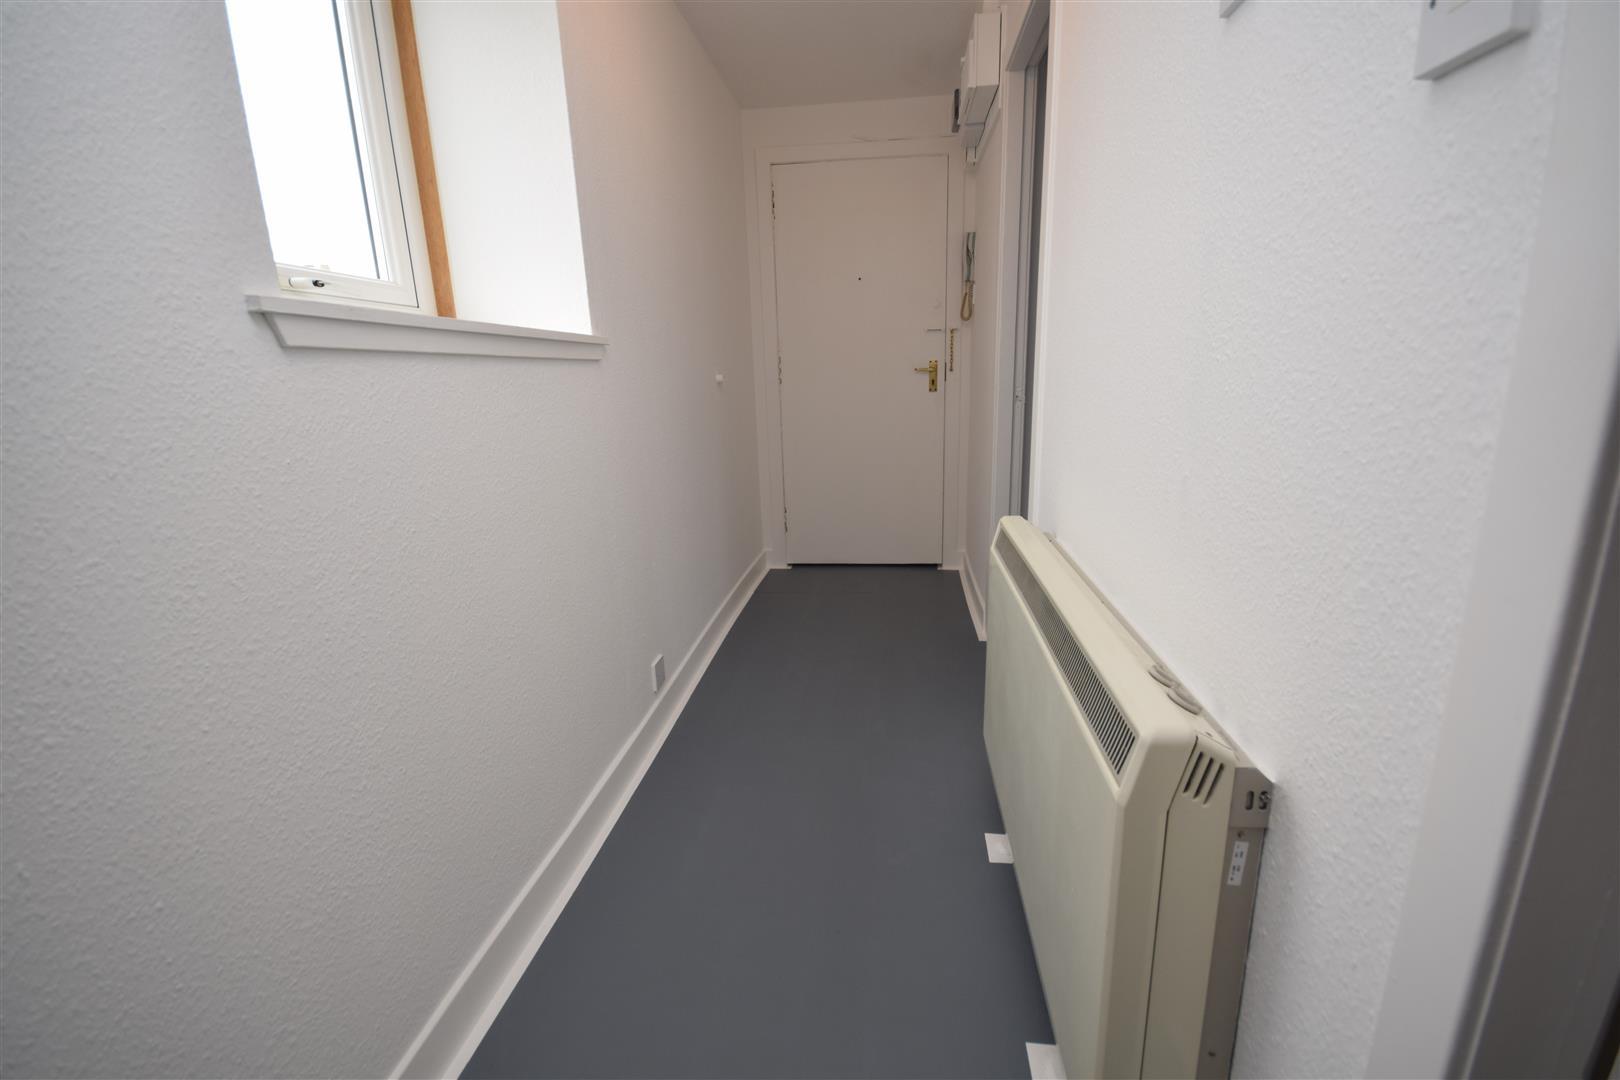 Flat 10, 13, Union Lane, Perth, Perthshire, PH1 5PU, UK